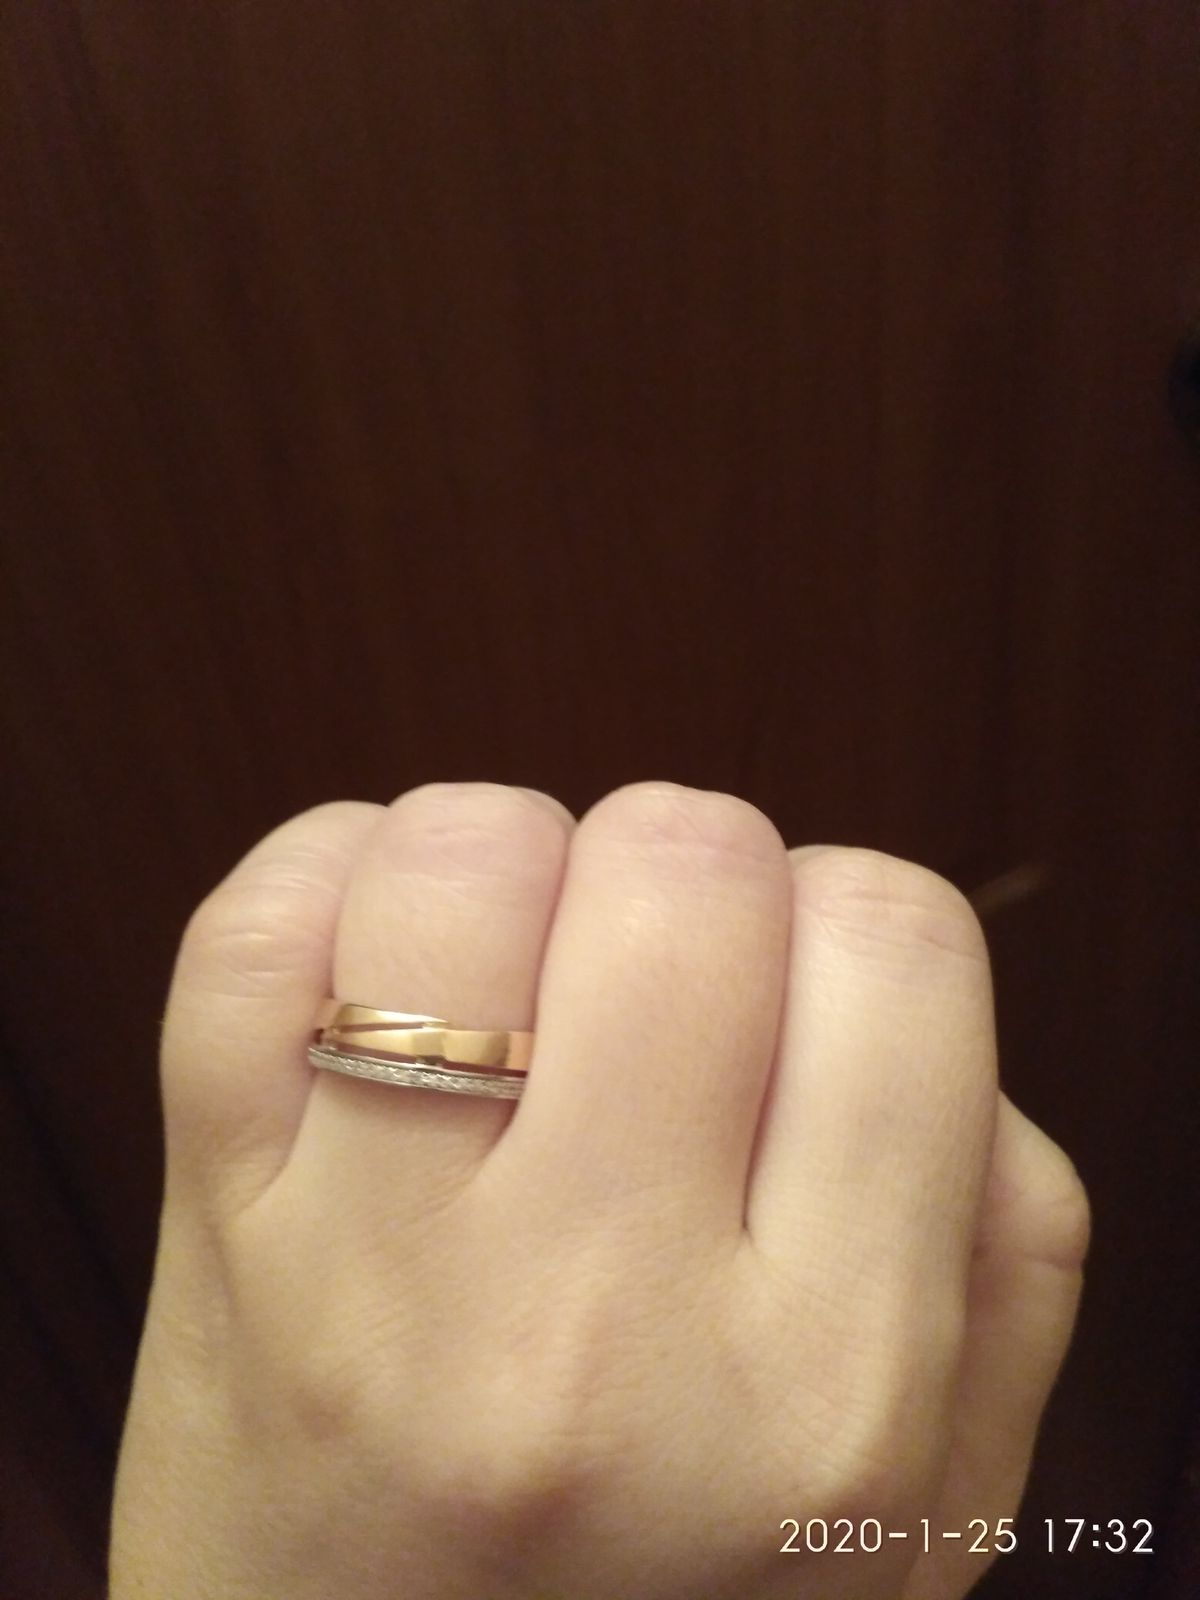 Красивое бюджетное кольцо.